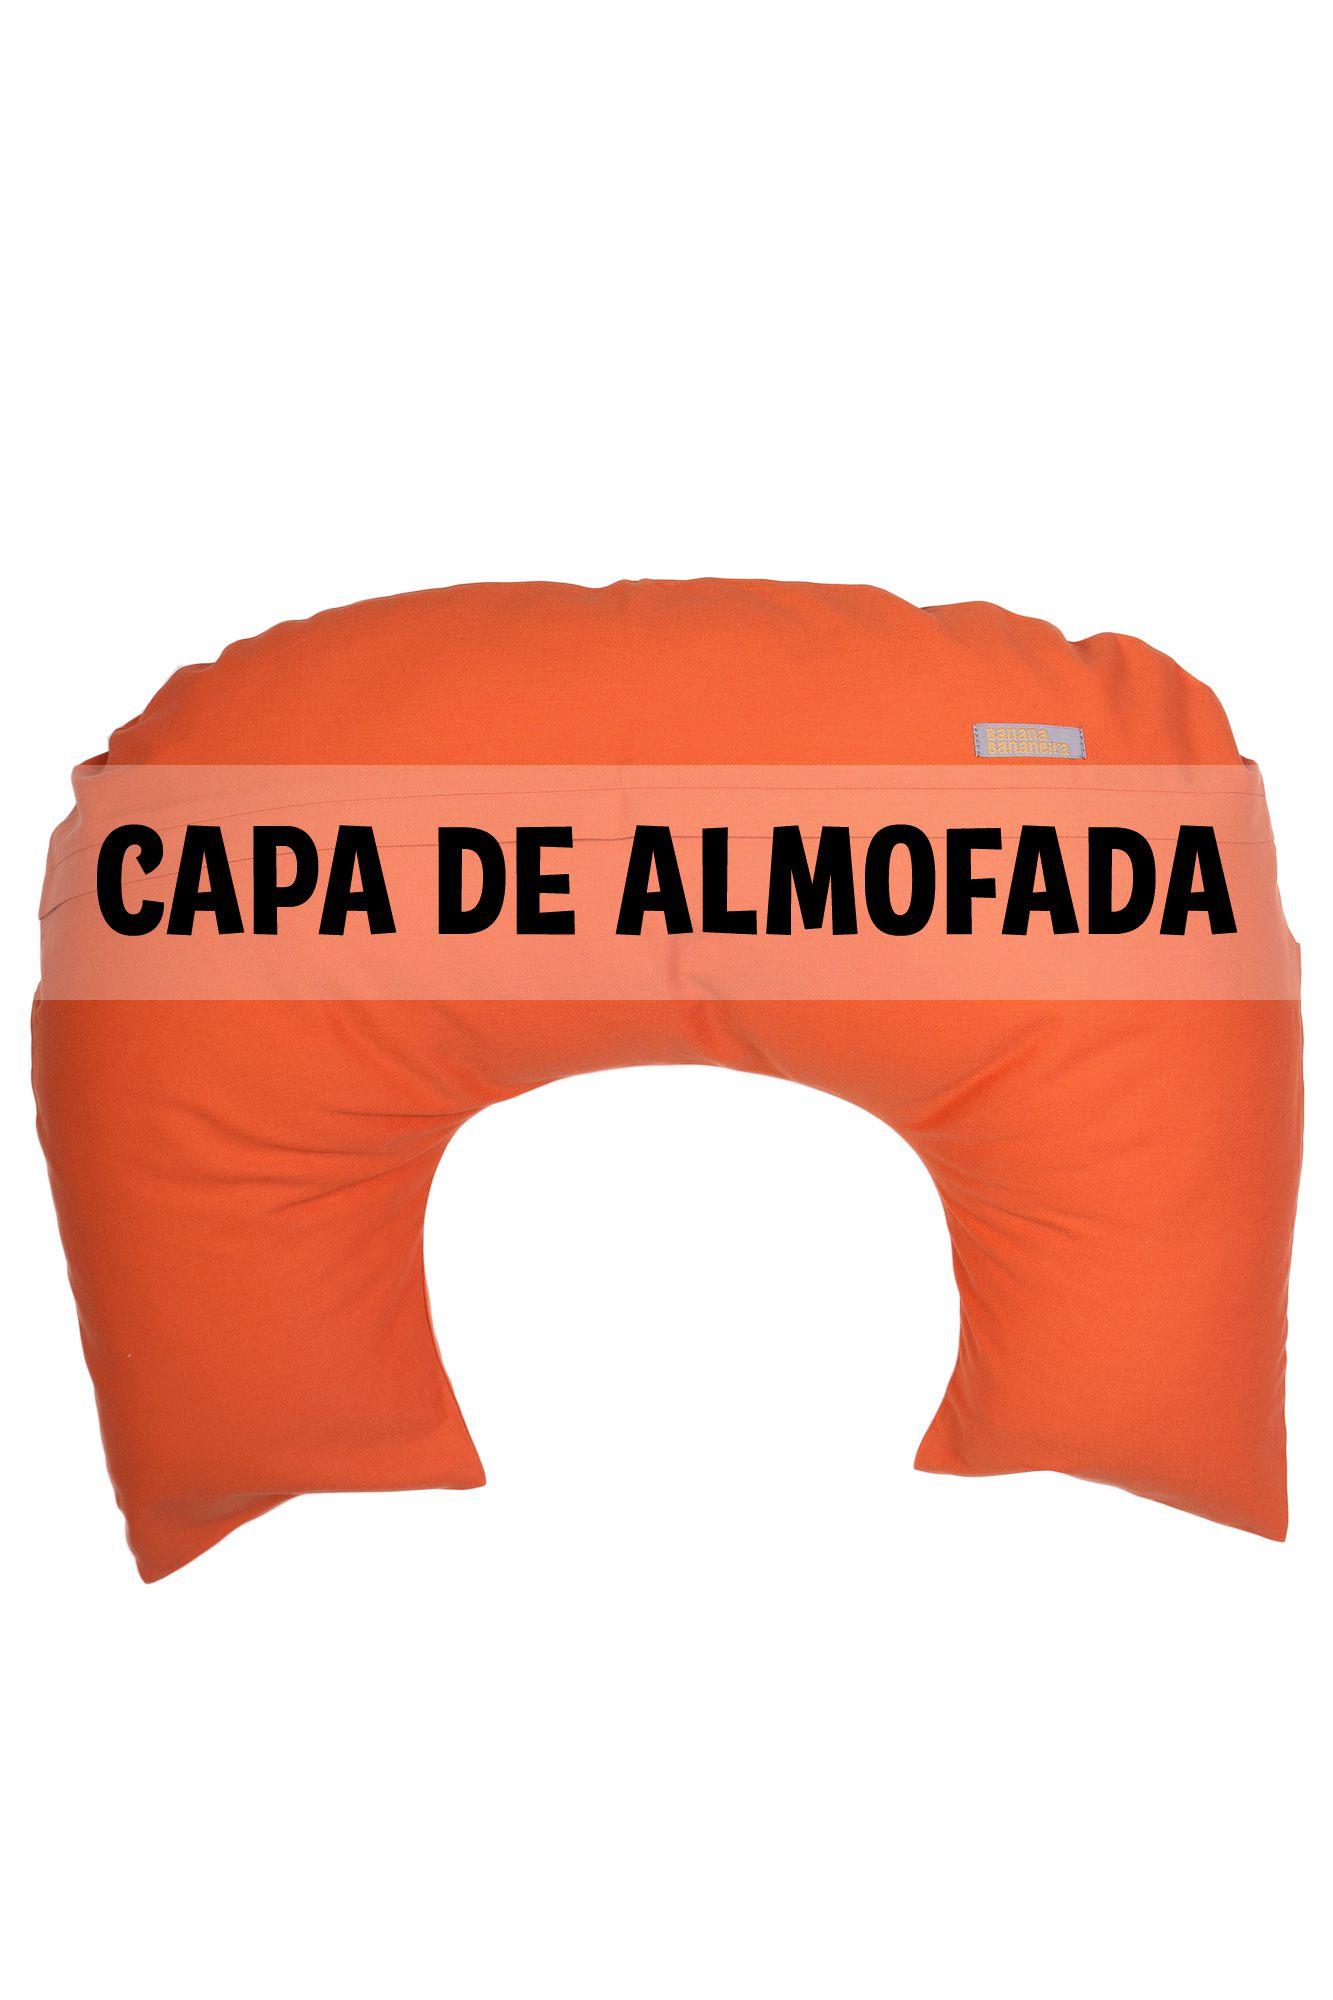 Capa de almofada de amamentação laranja